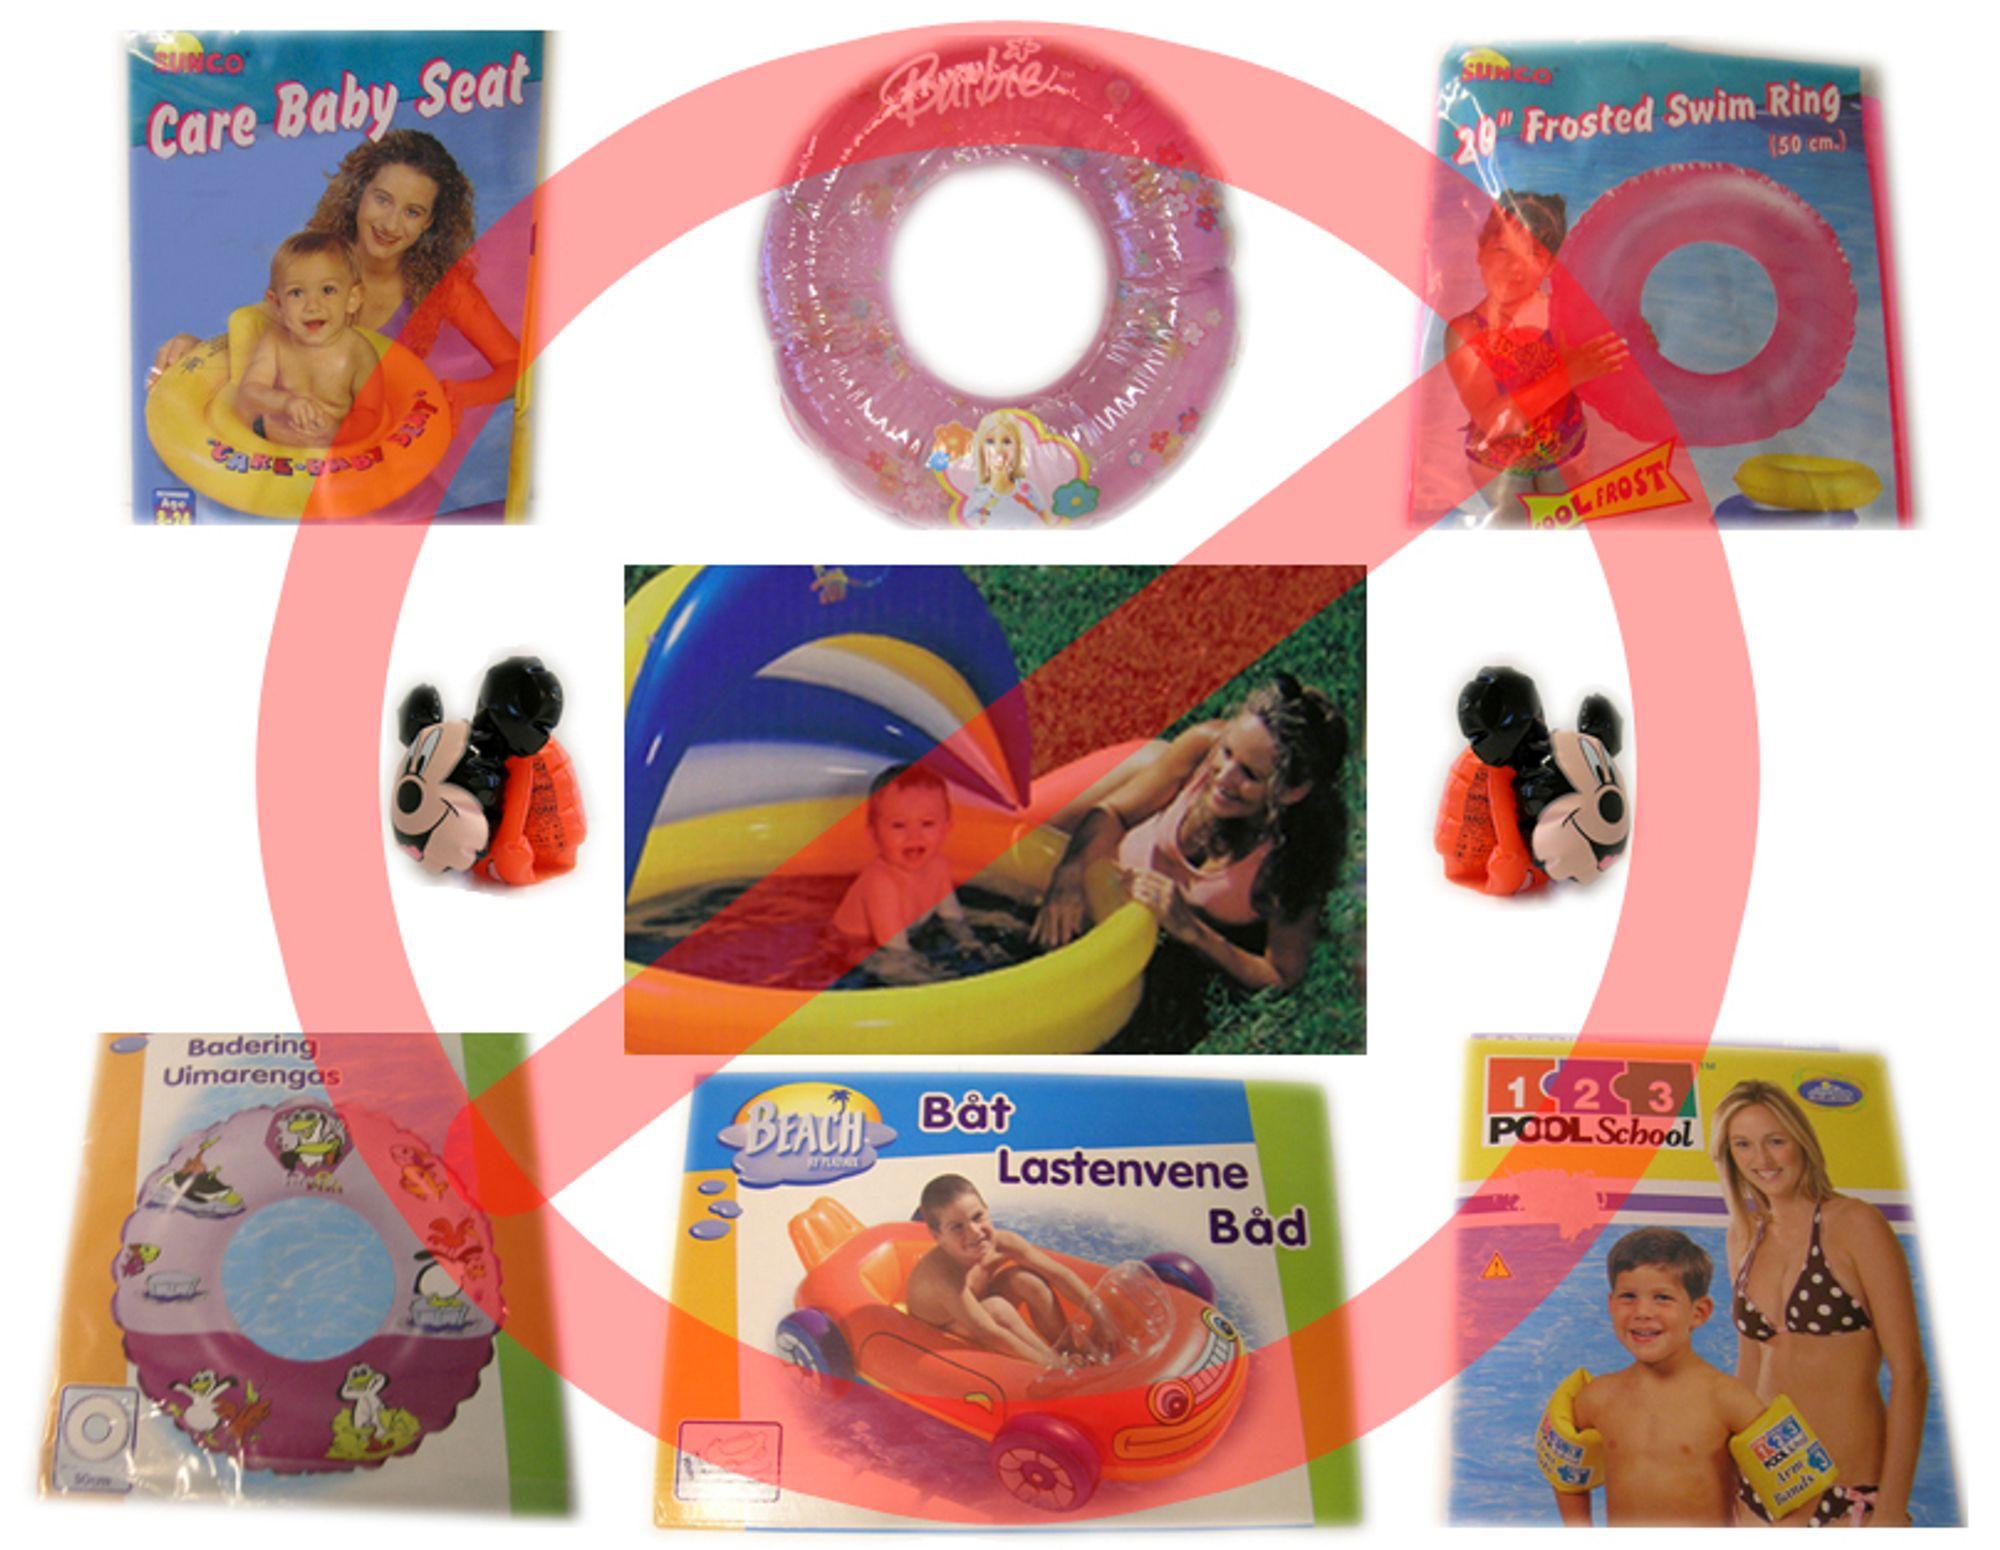 Disse produktene må du ikke kjøpe til barna dine. I alle fall ikke så lenge de er så små at de vil suge og tygge på dem.